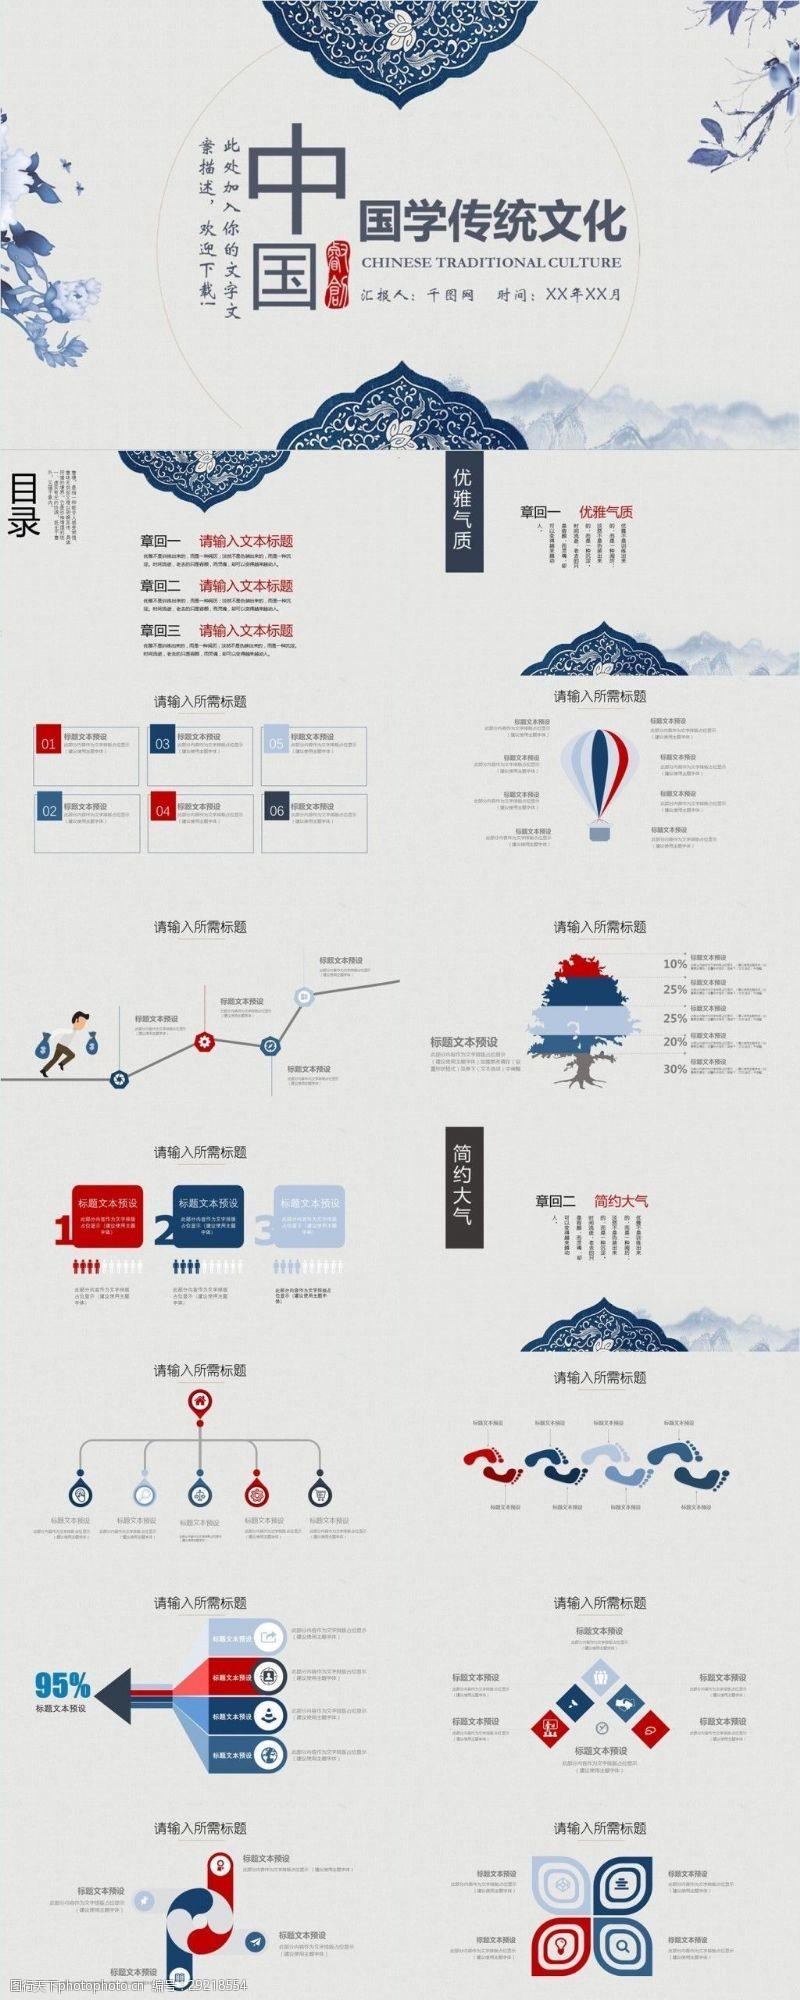 ppt模版设计经典红蓝水墨风通用PPT模版设计